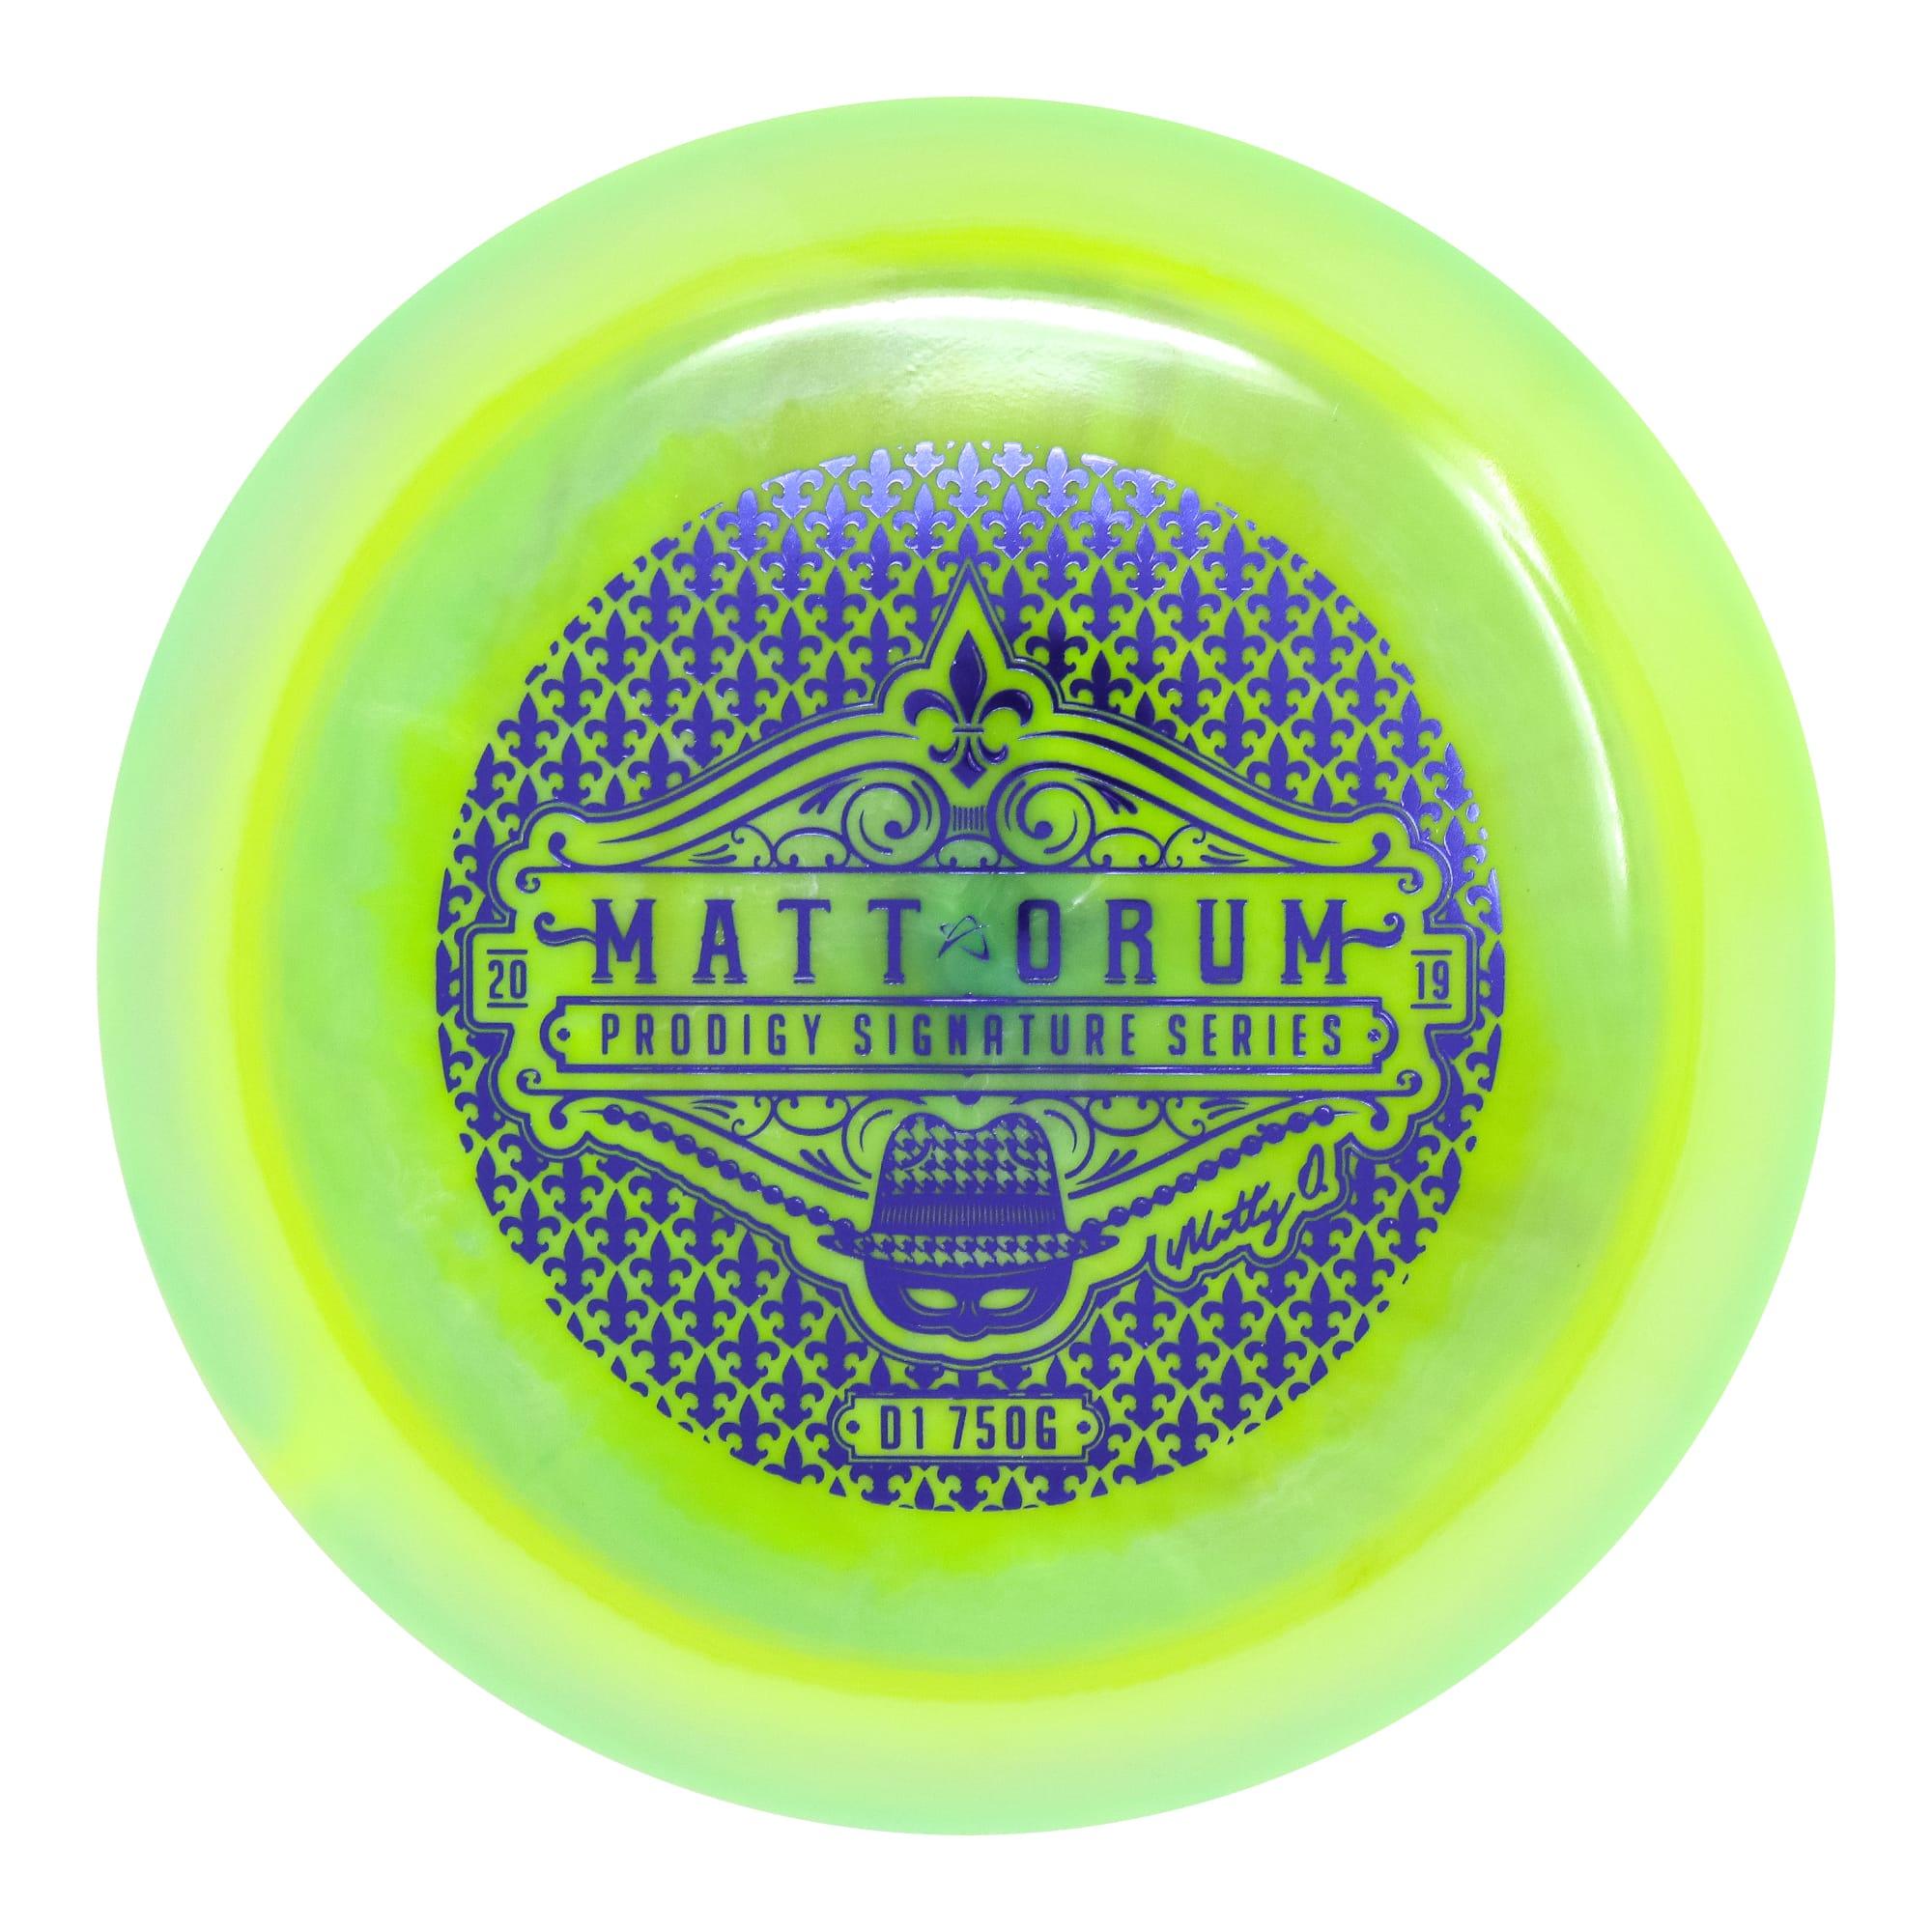 Matt_Orum_Special_Edition_Signature_Series_D1_750G_Thumbnailsprodigy-D1-750g-matt-orum-se-sig-lime-green_OPT.jpg